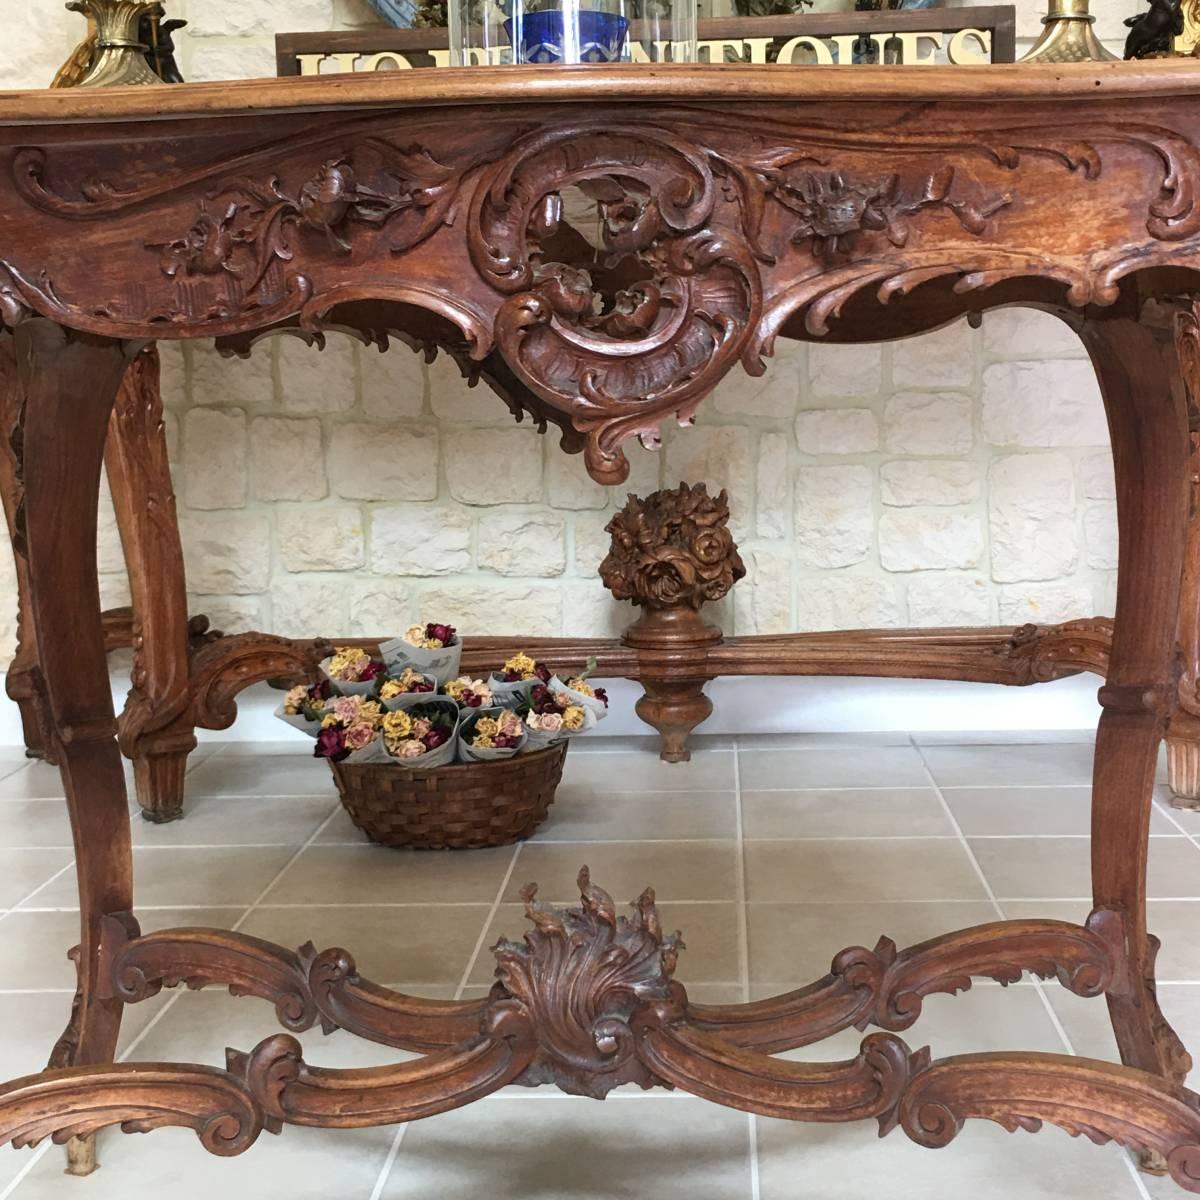 フランスアンティーク テーブル アンティークテーブル 19世紀 コンソールテーブル ルイ15世様式 ロココ様式 アンティーク家具_画像7